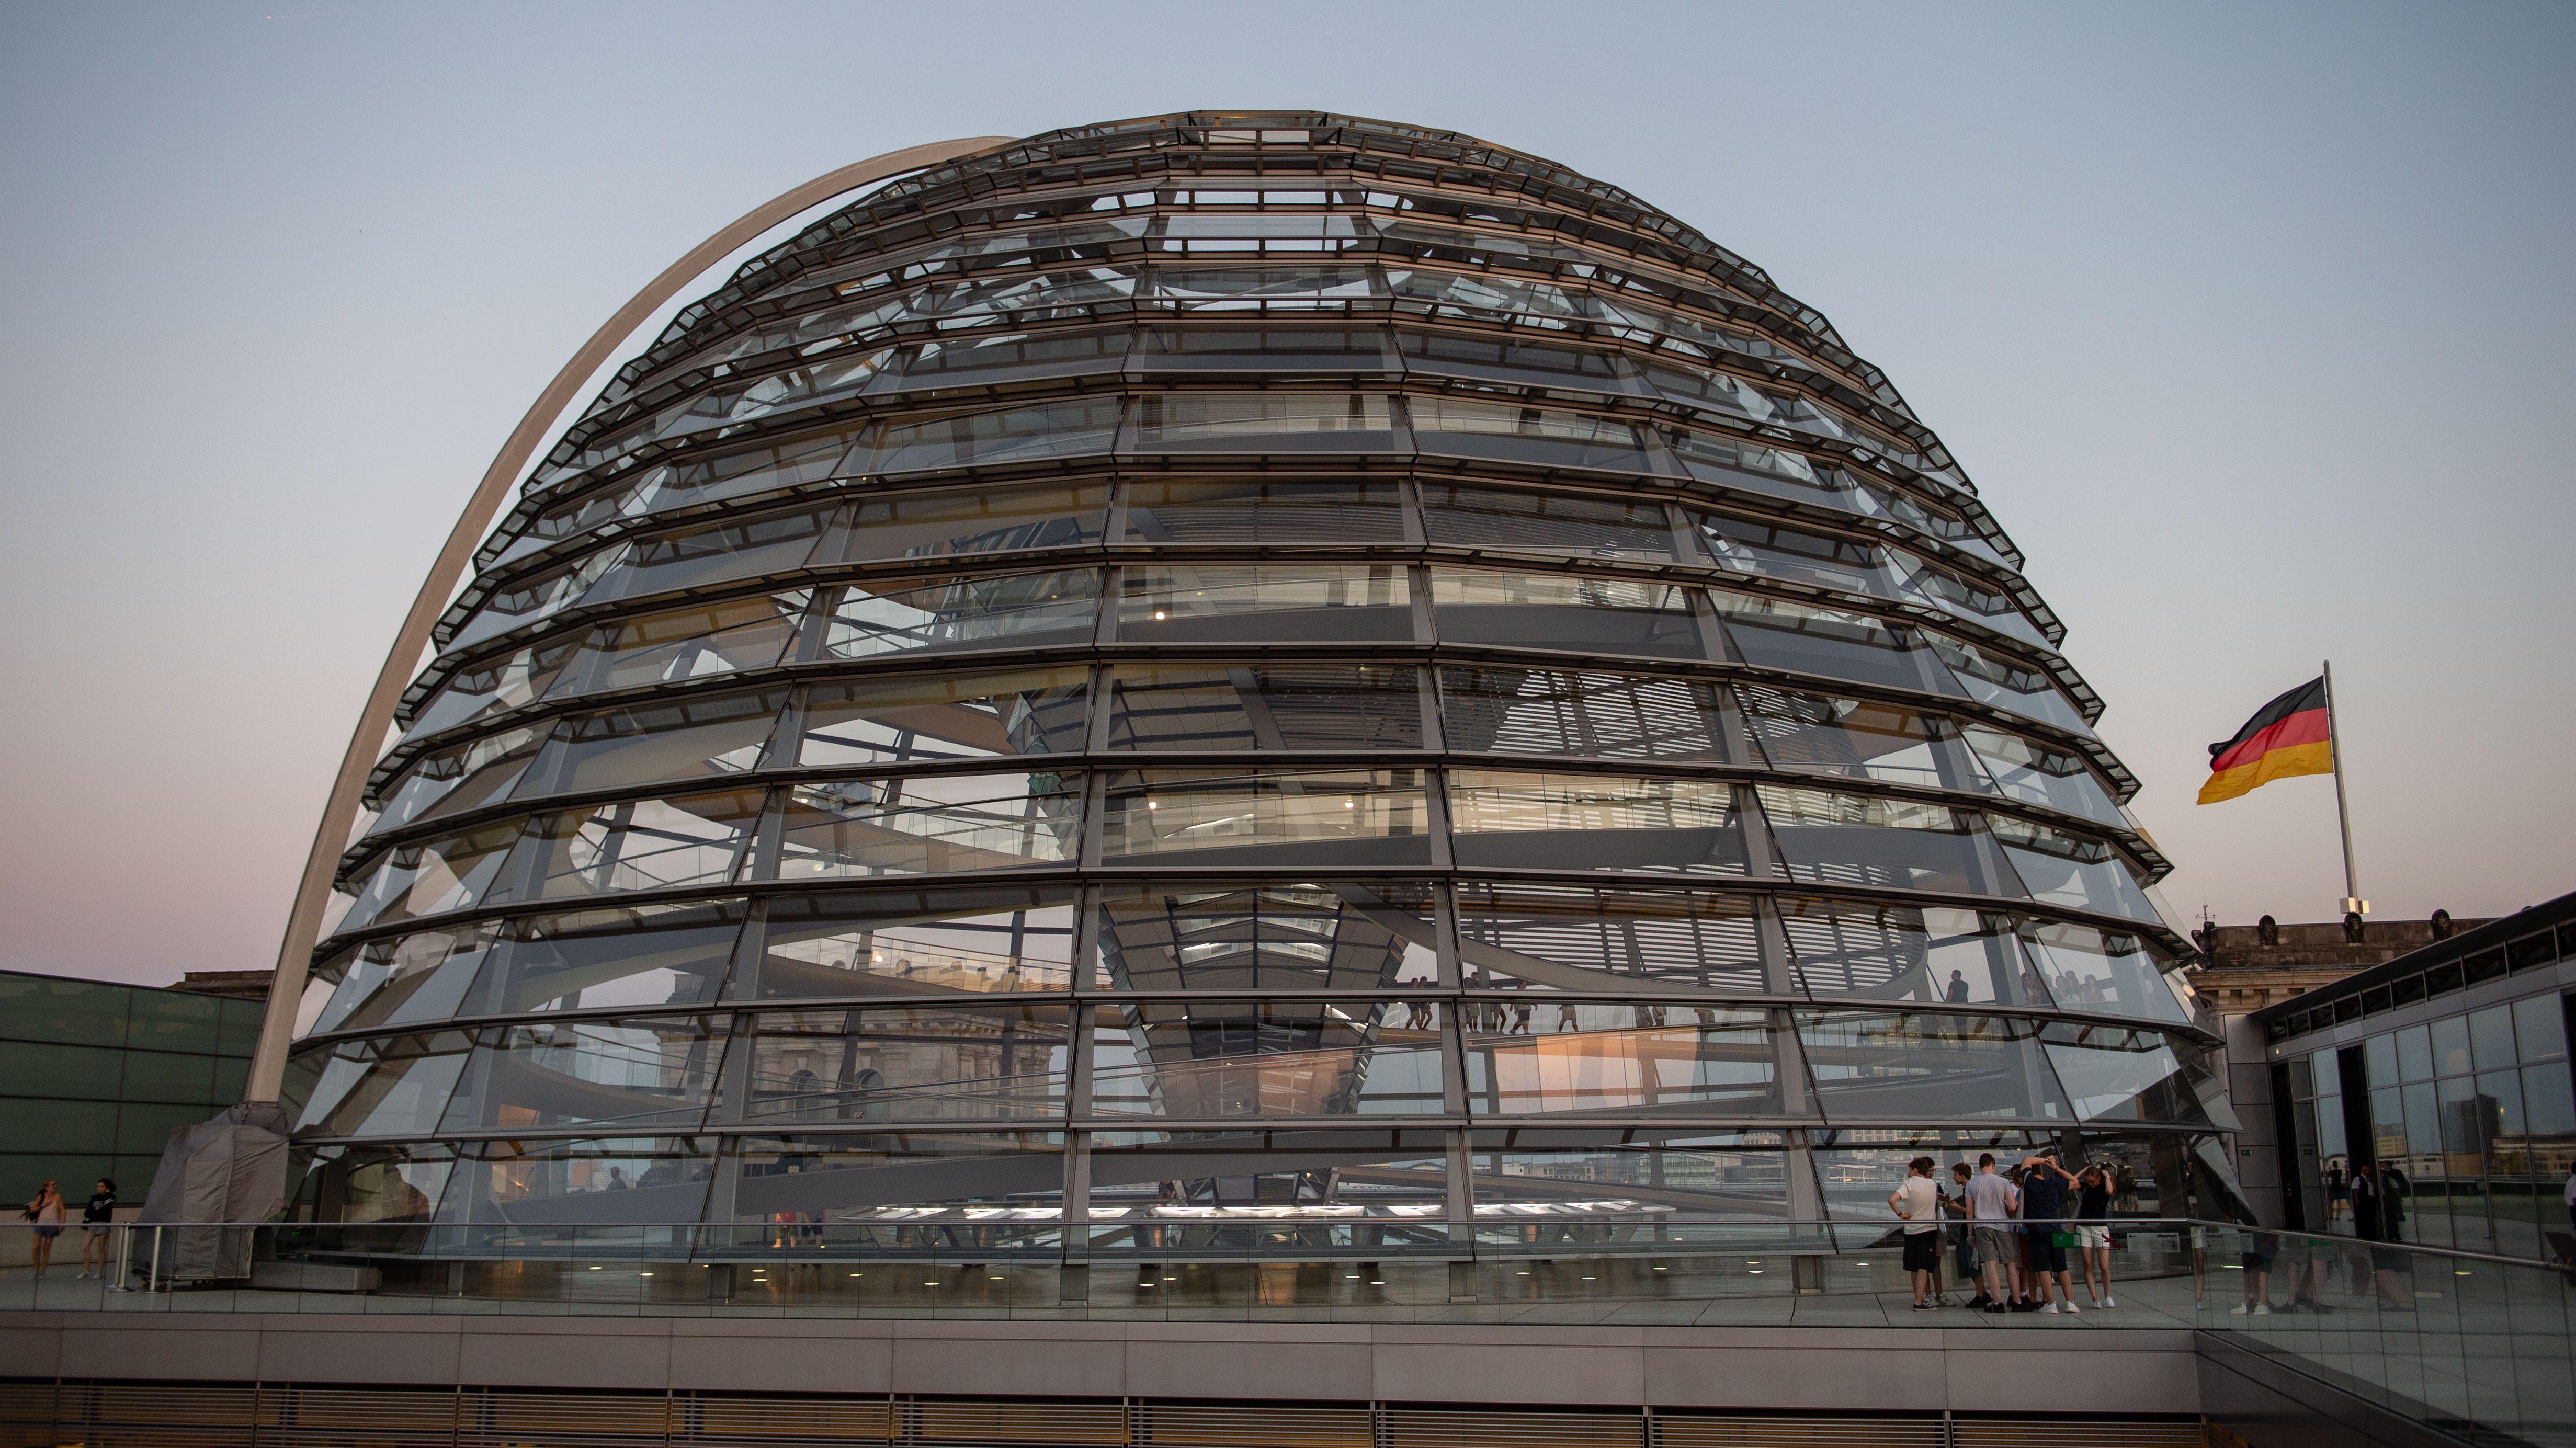 Die Kuppel des Bundestags am späten Abend (Aufnahme vom 26.06.2019).